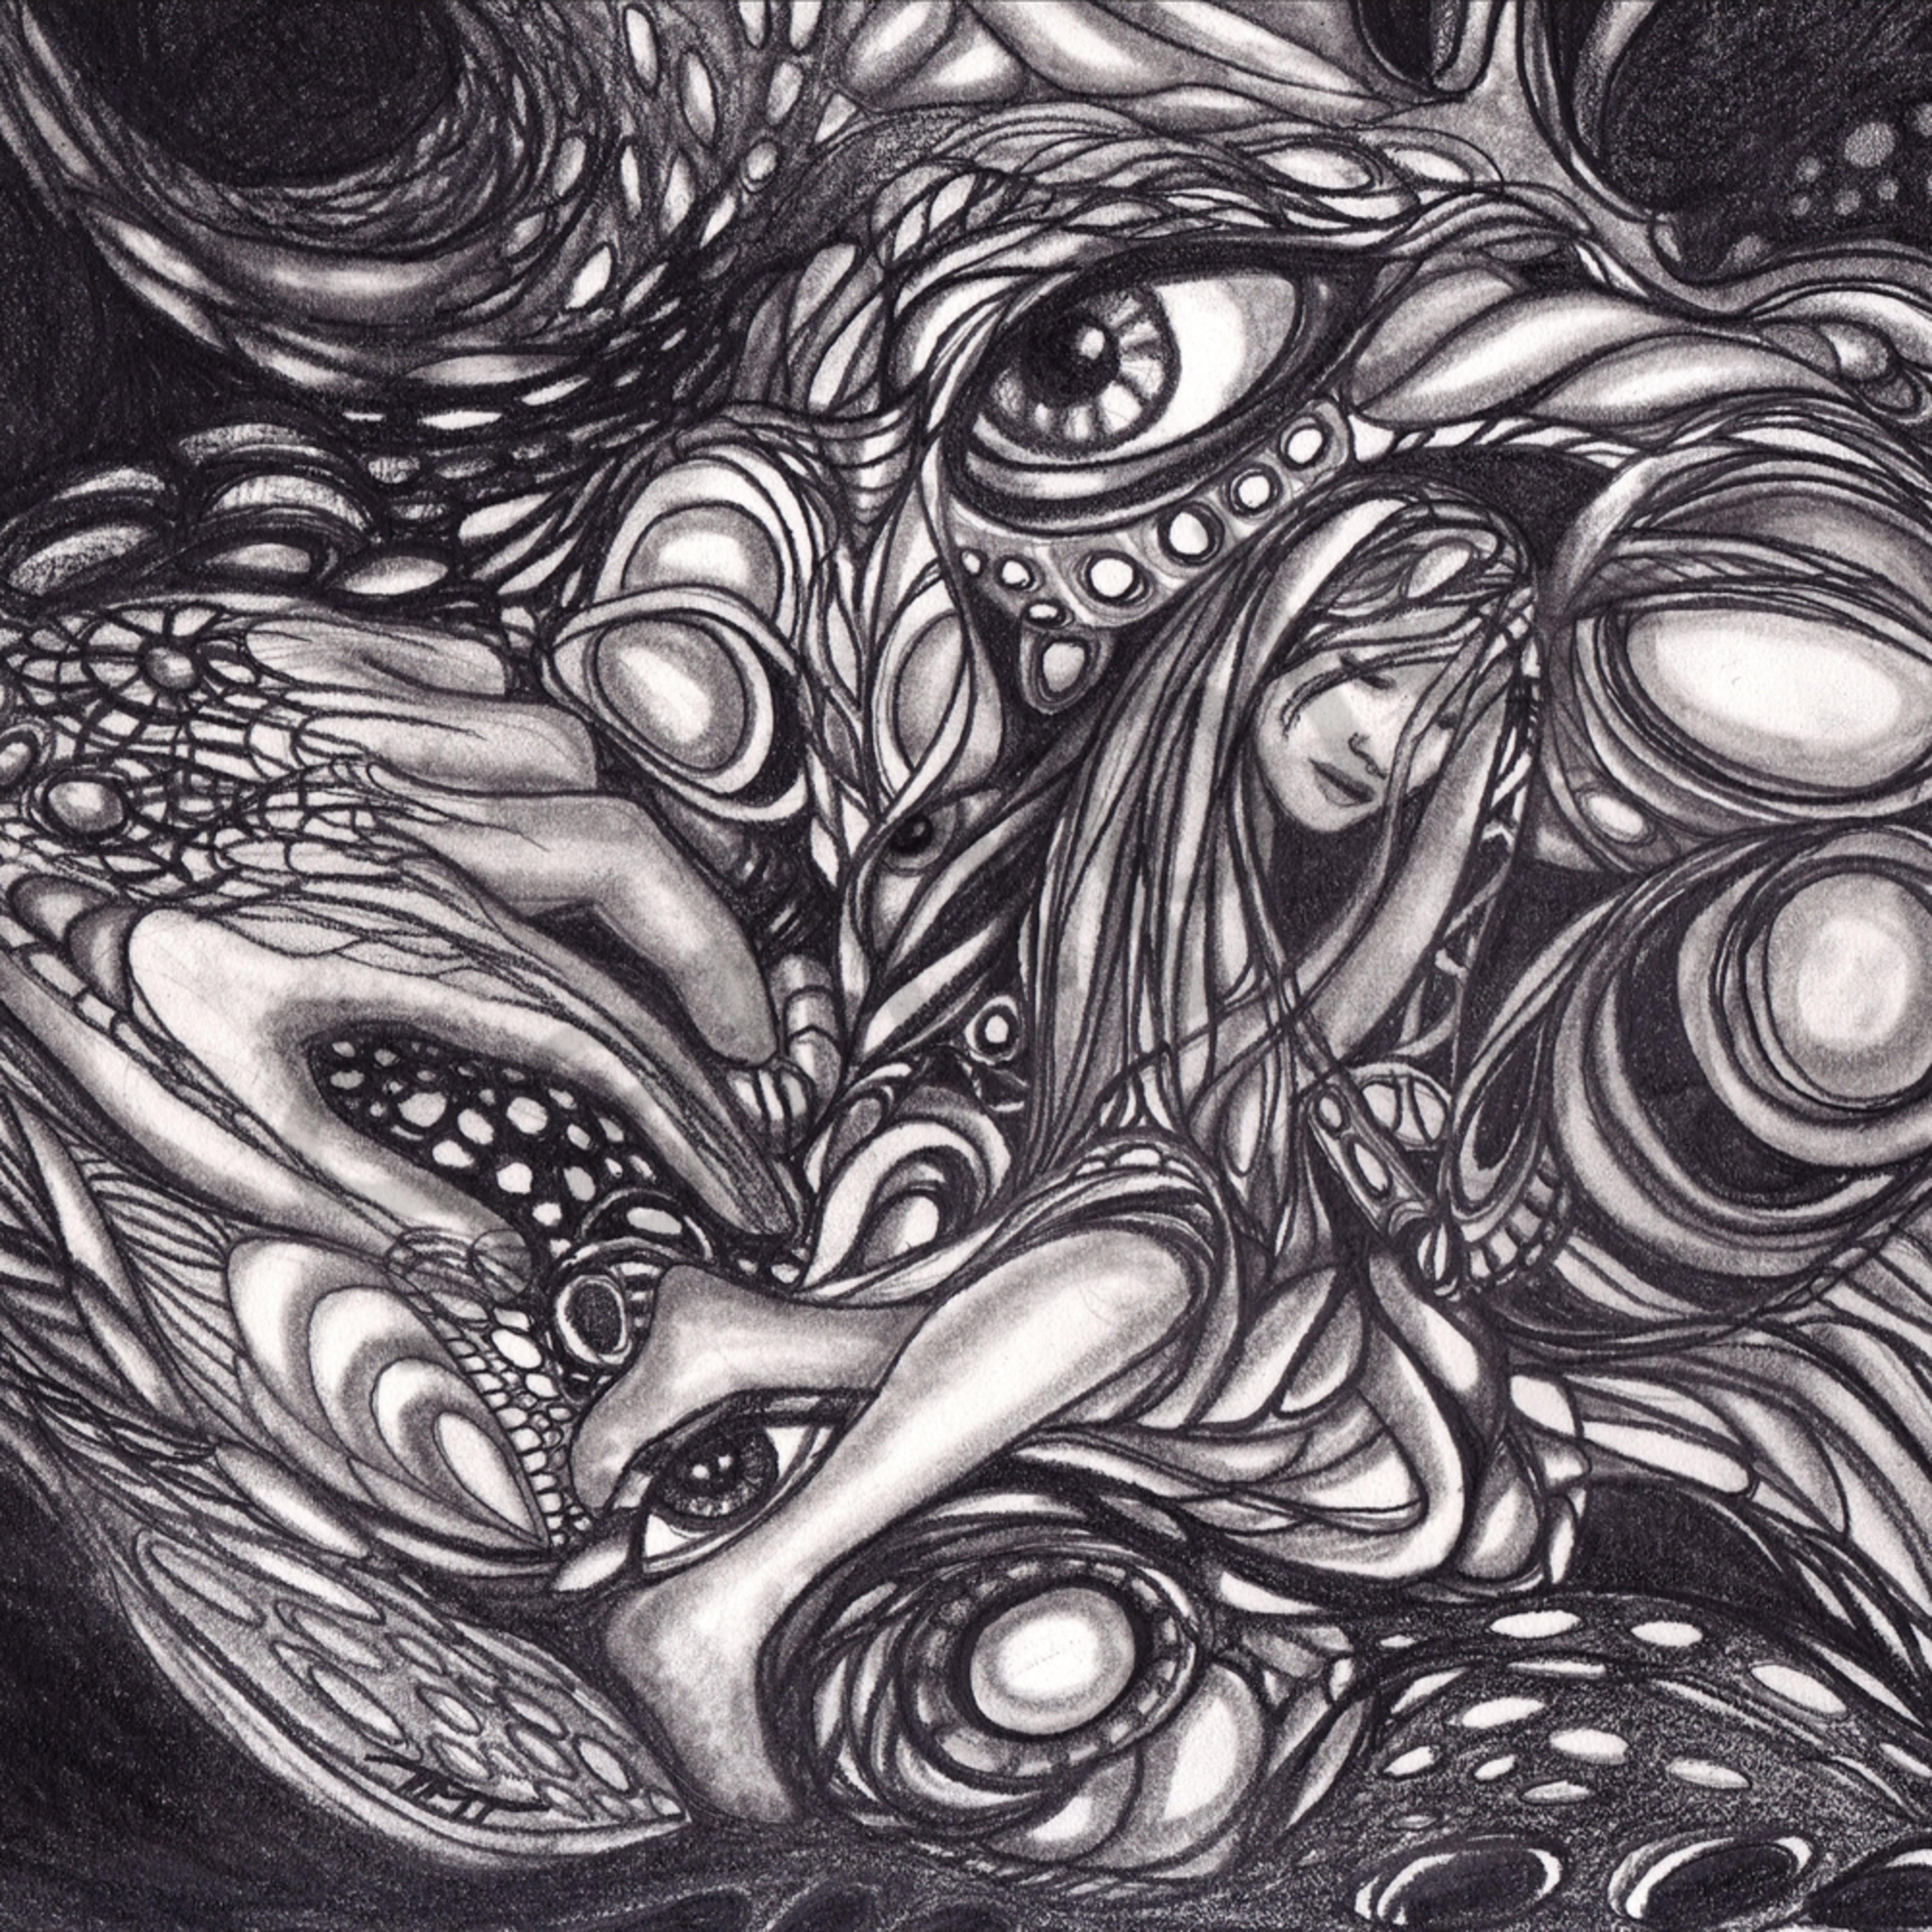 Dreams of lothlorien ehiwp7